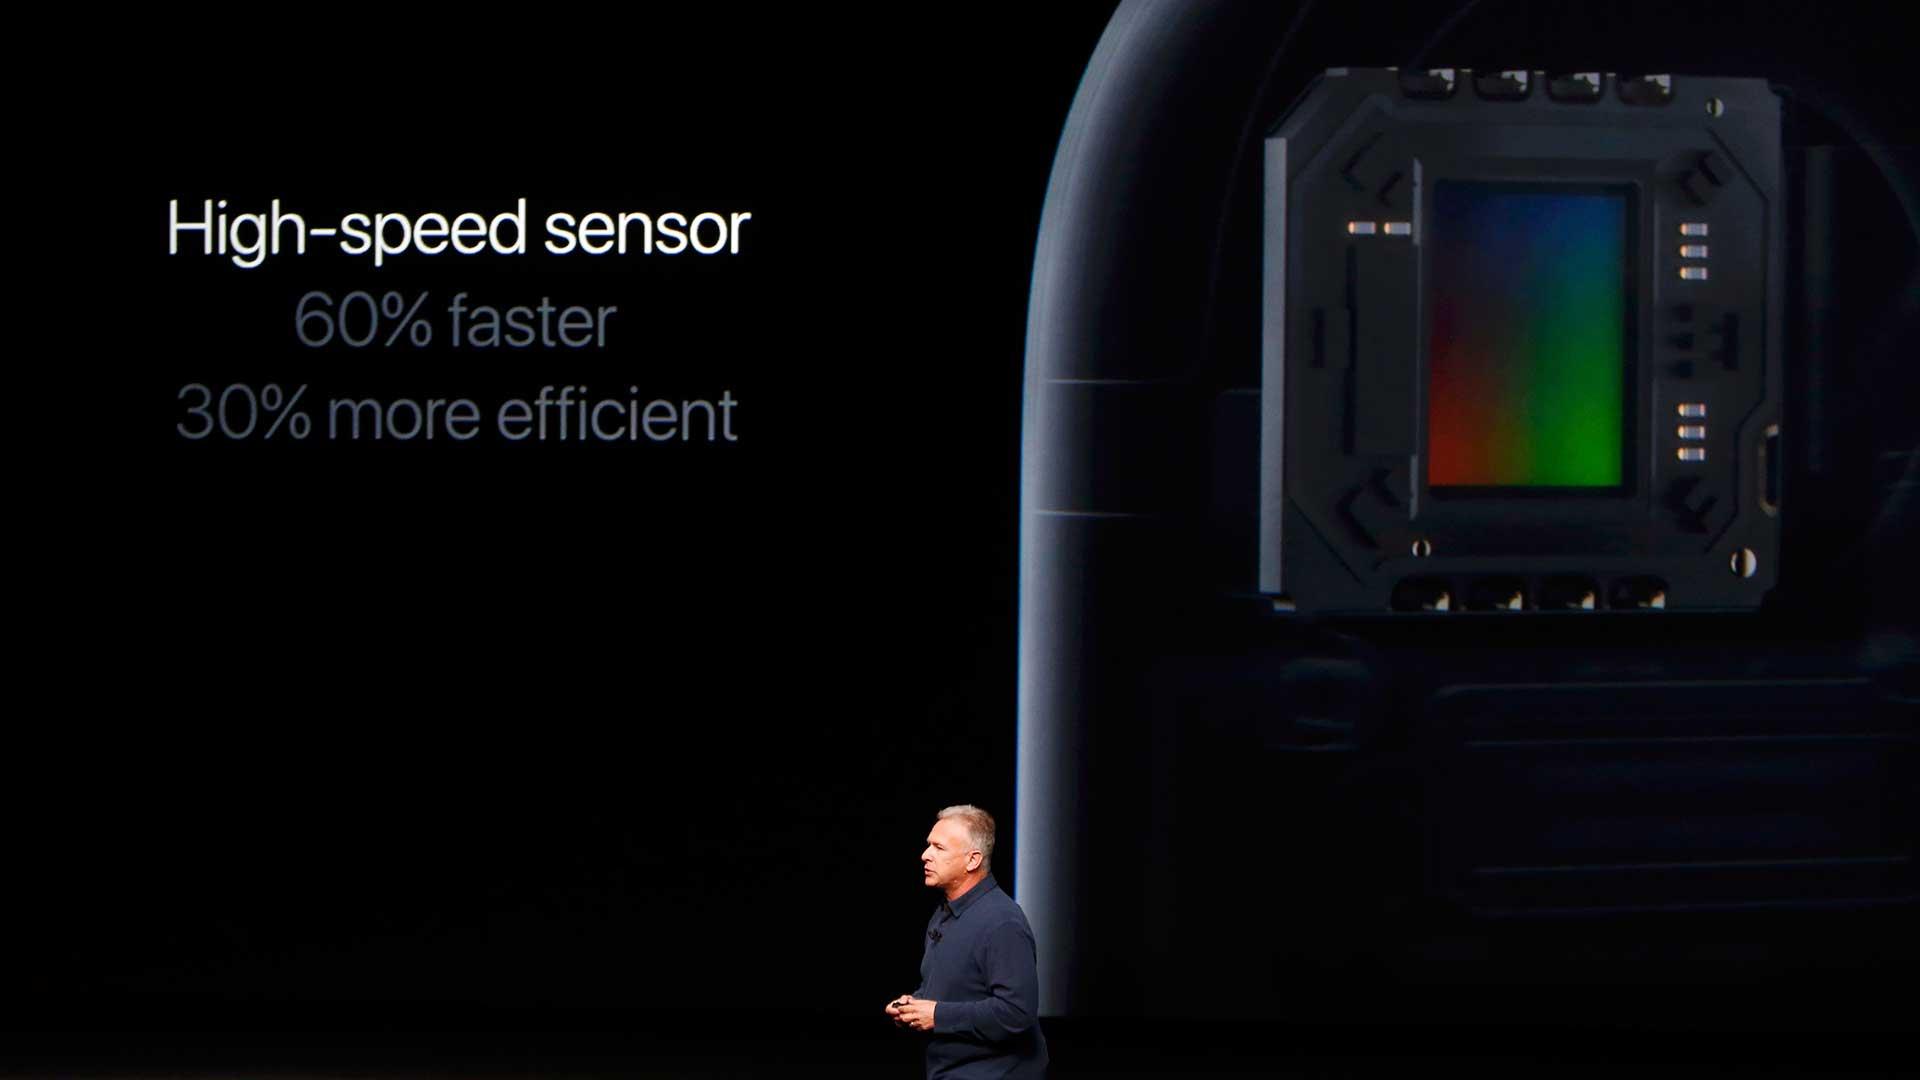 El sensor de la cámara es 60% más rápido y un 30% más eficiente